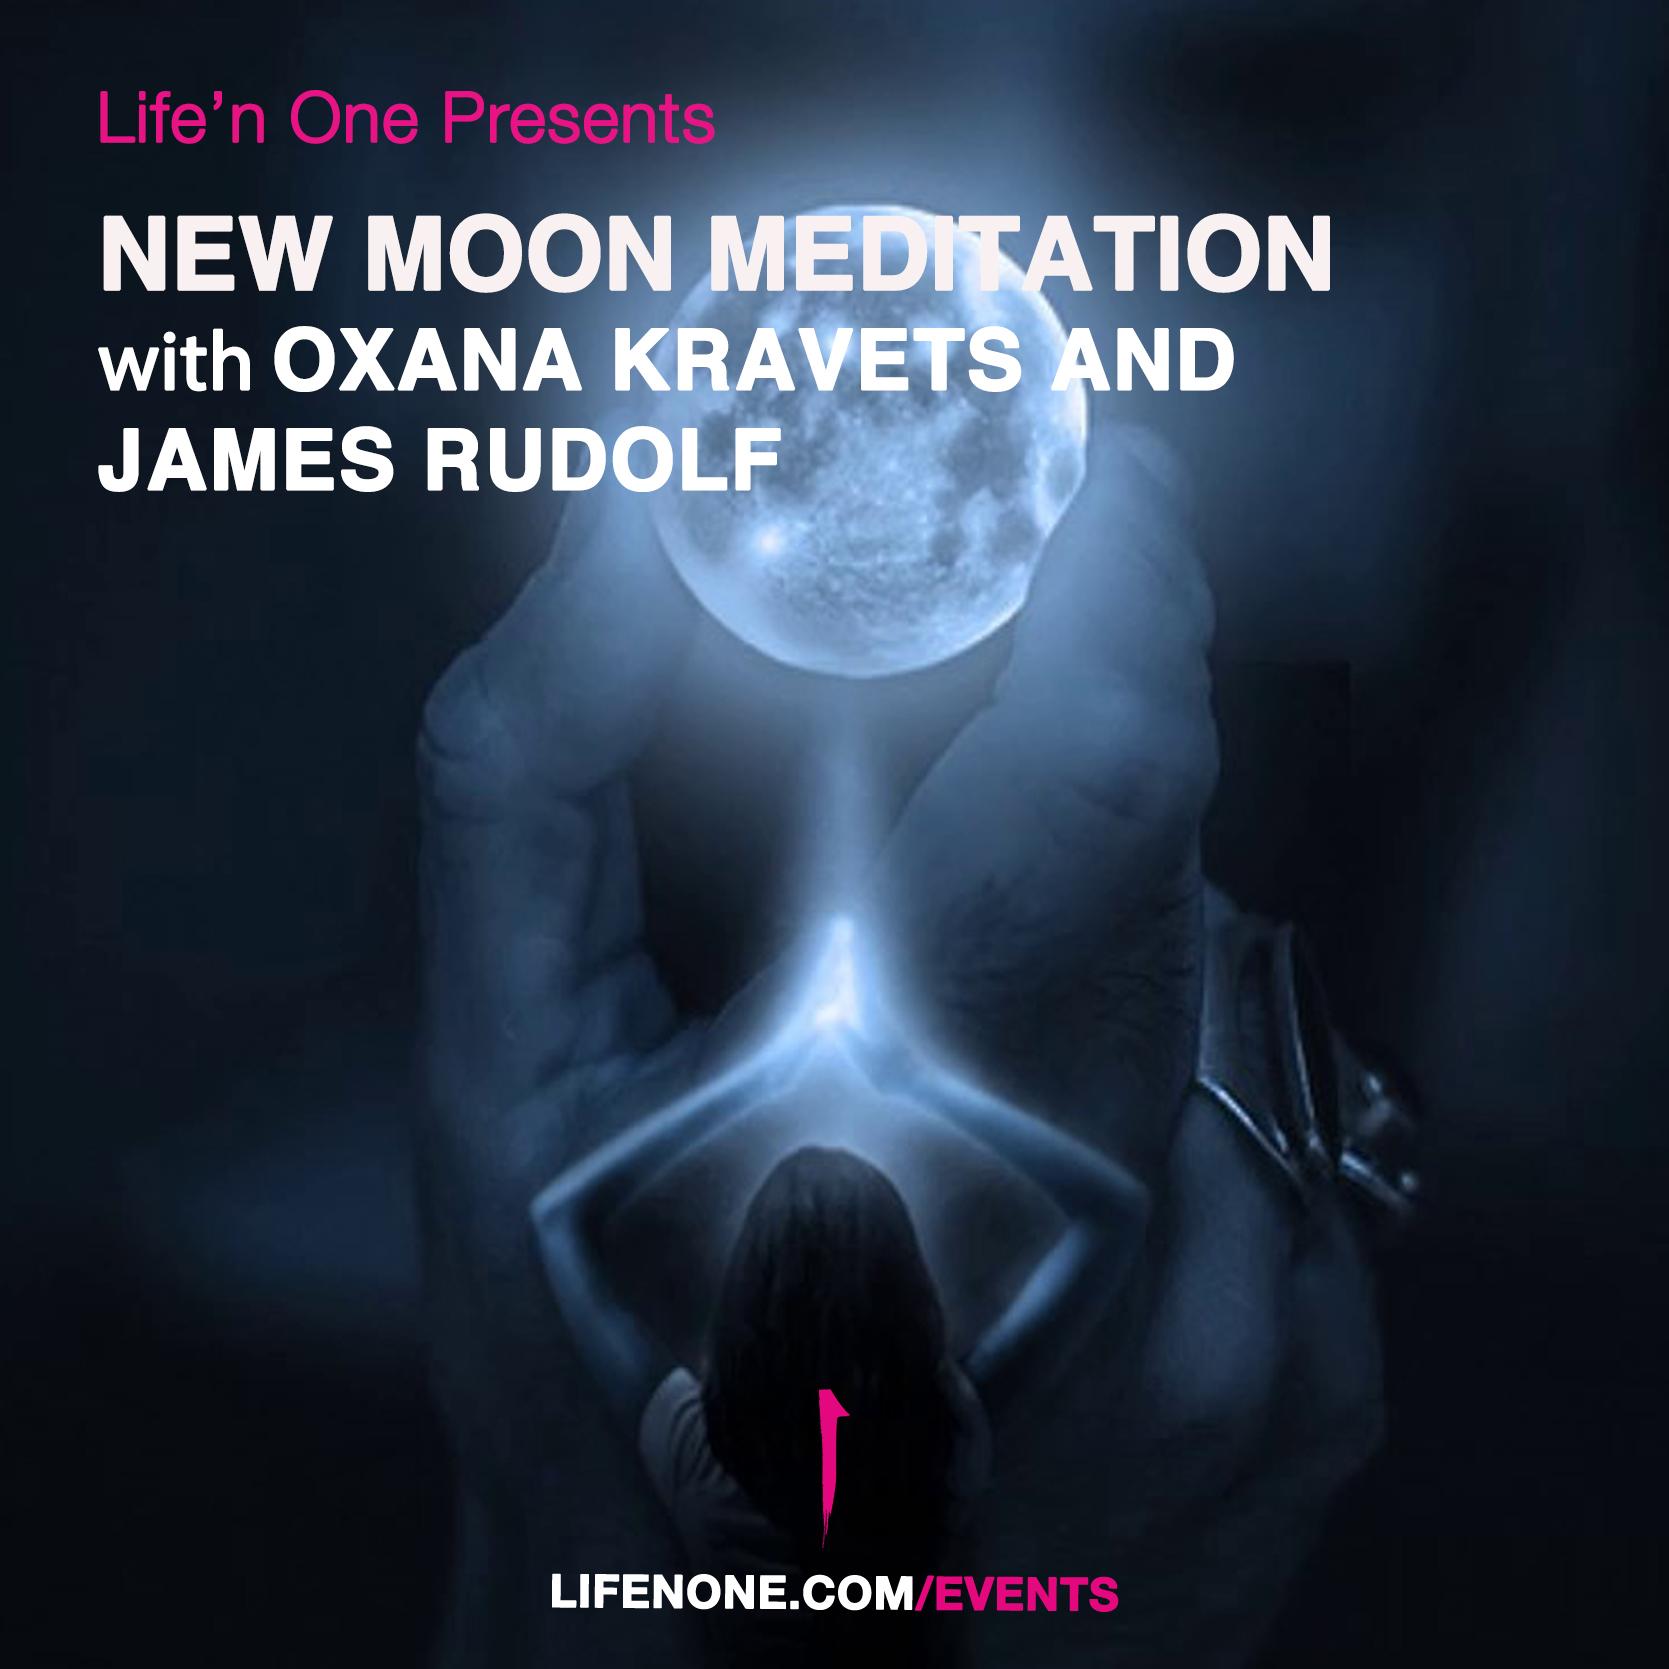 new moon meditation flyer.jpg